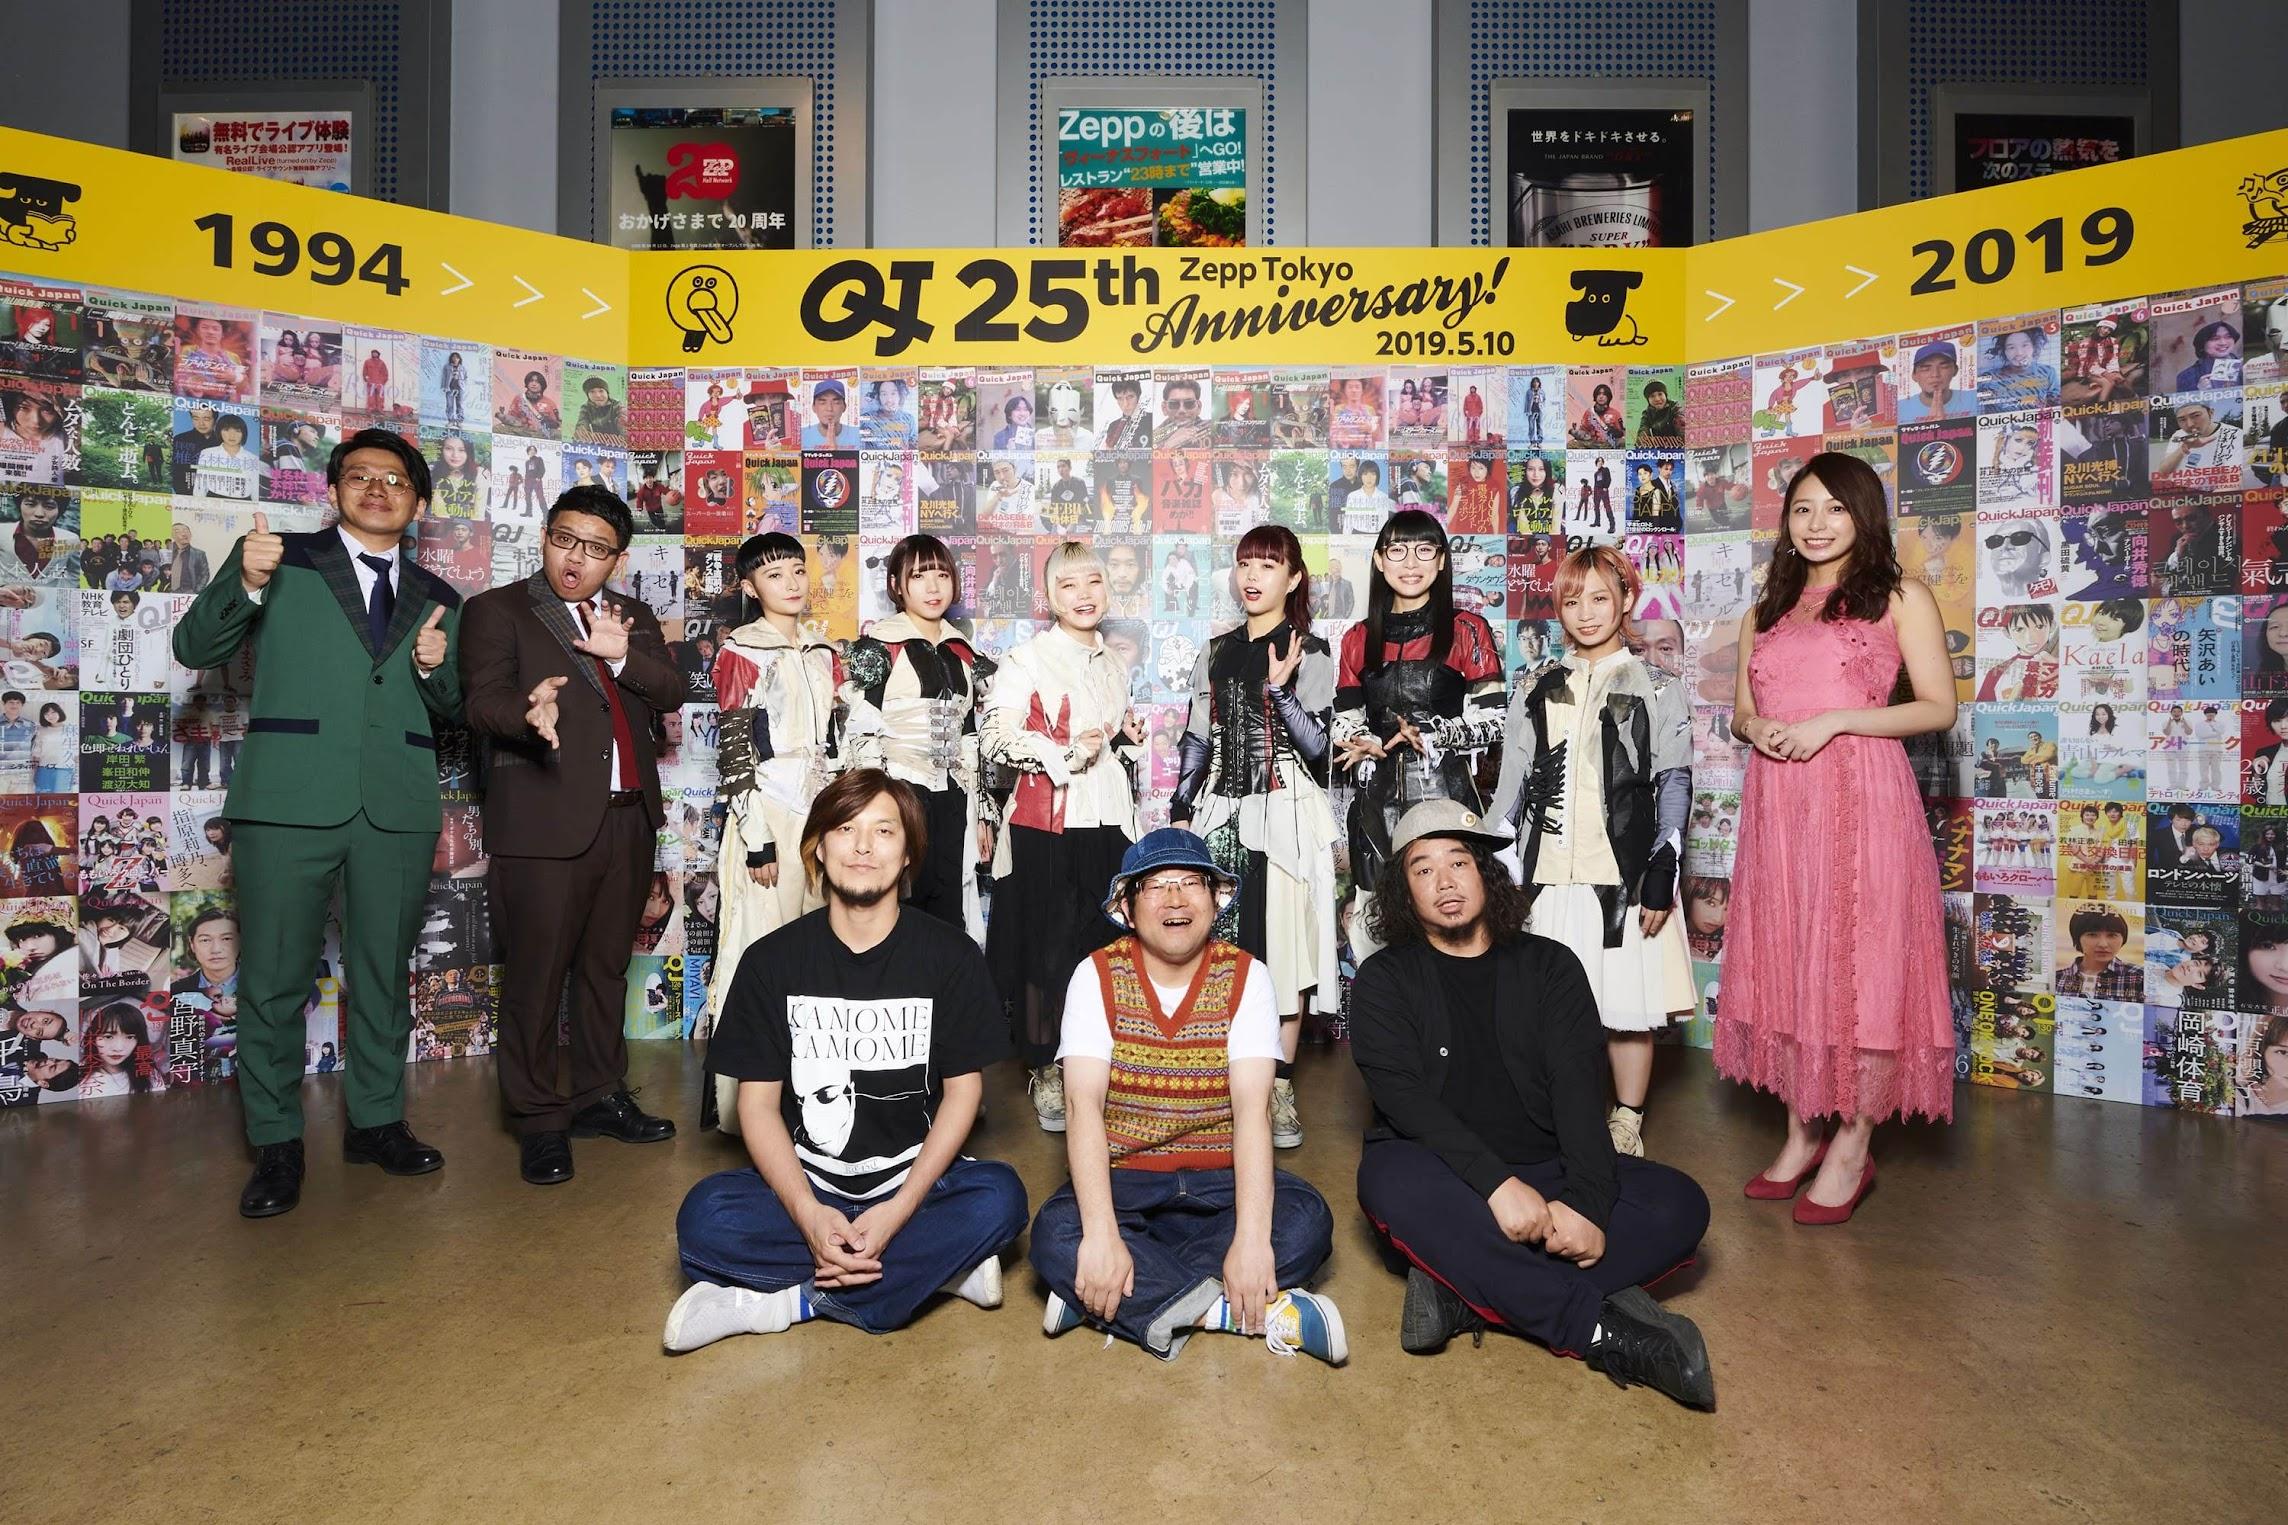 【迷迷現場】サンボマスター、BiSH...熱烈演出慶雜誌《Quick Japan》創刊25周年